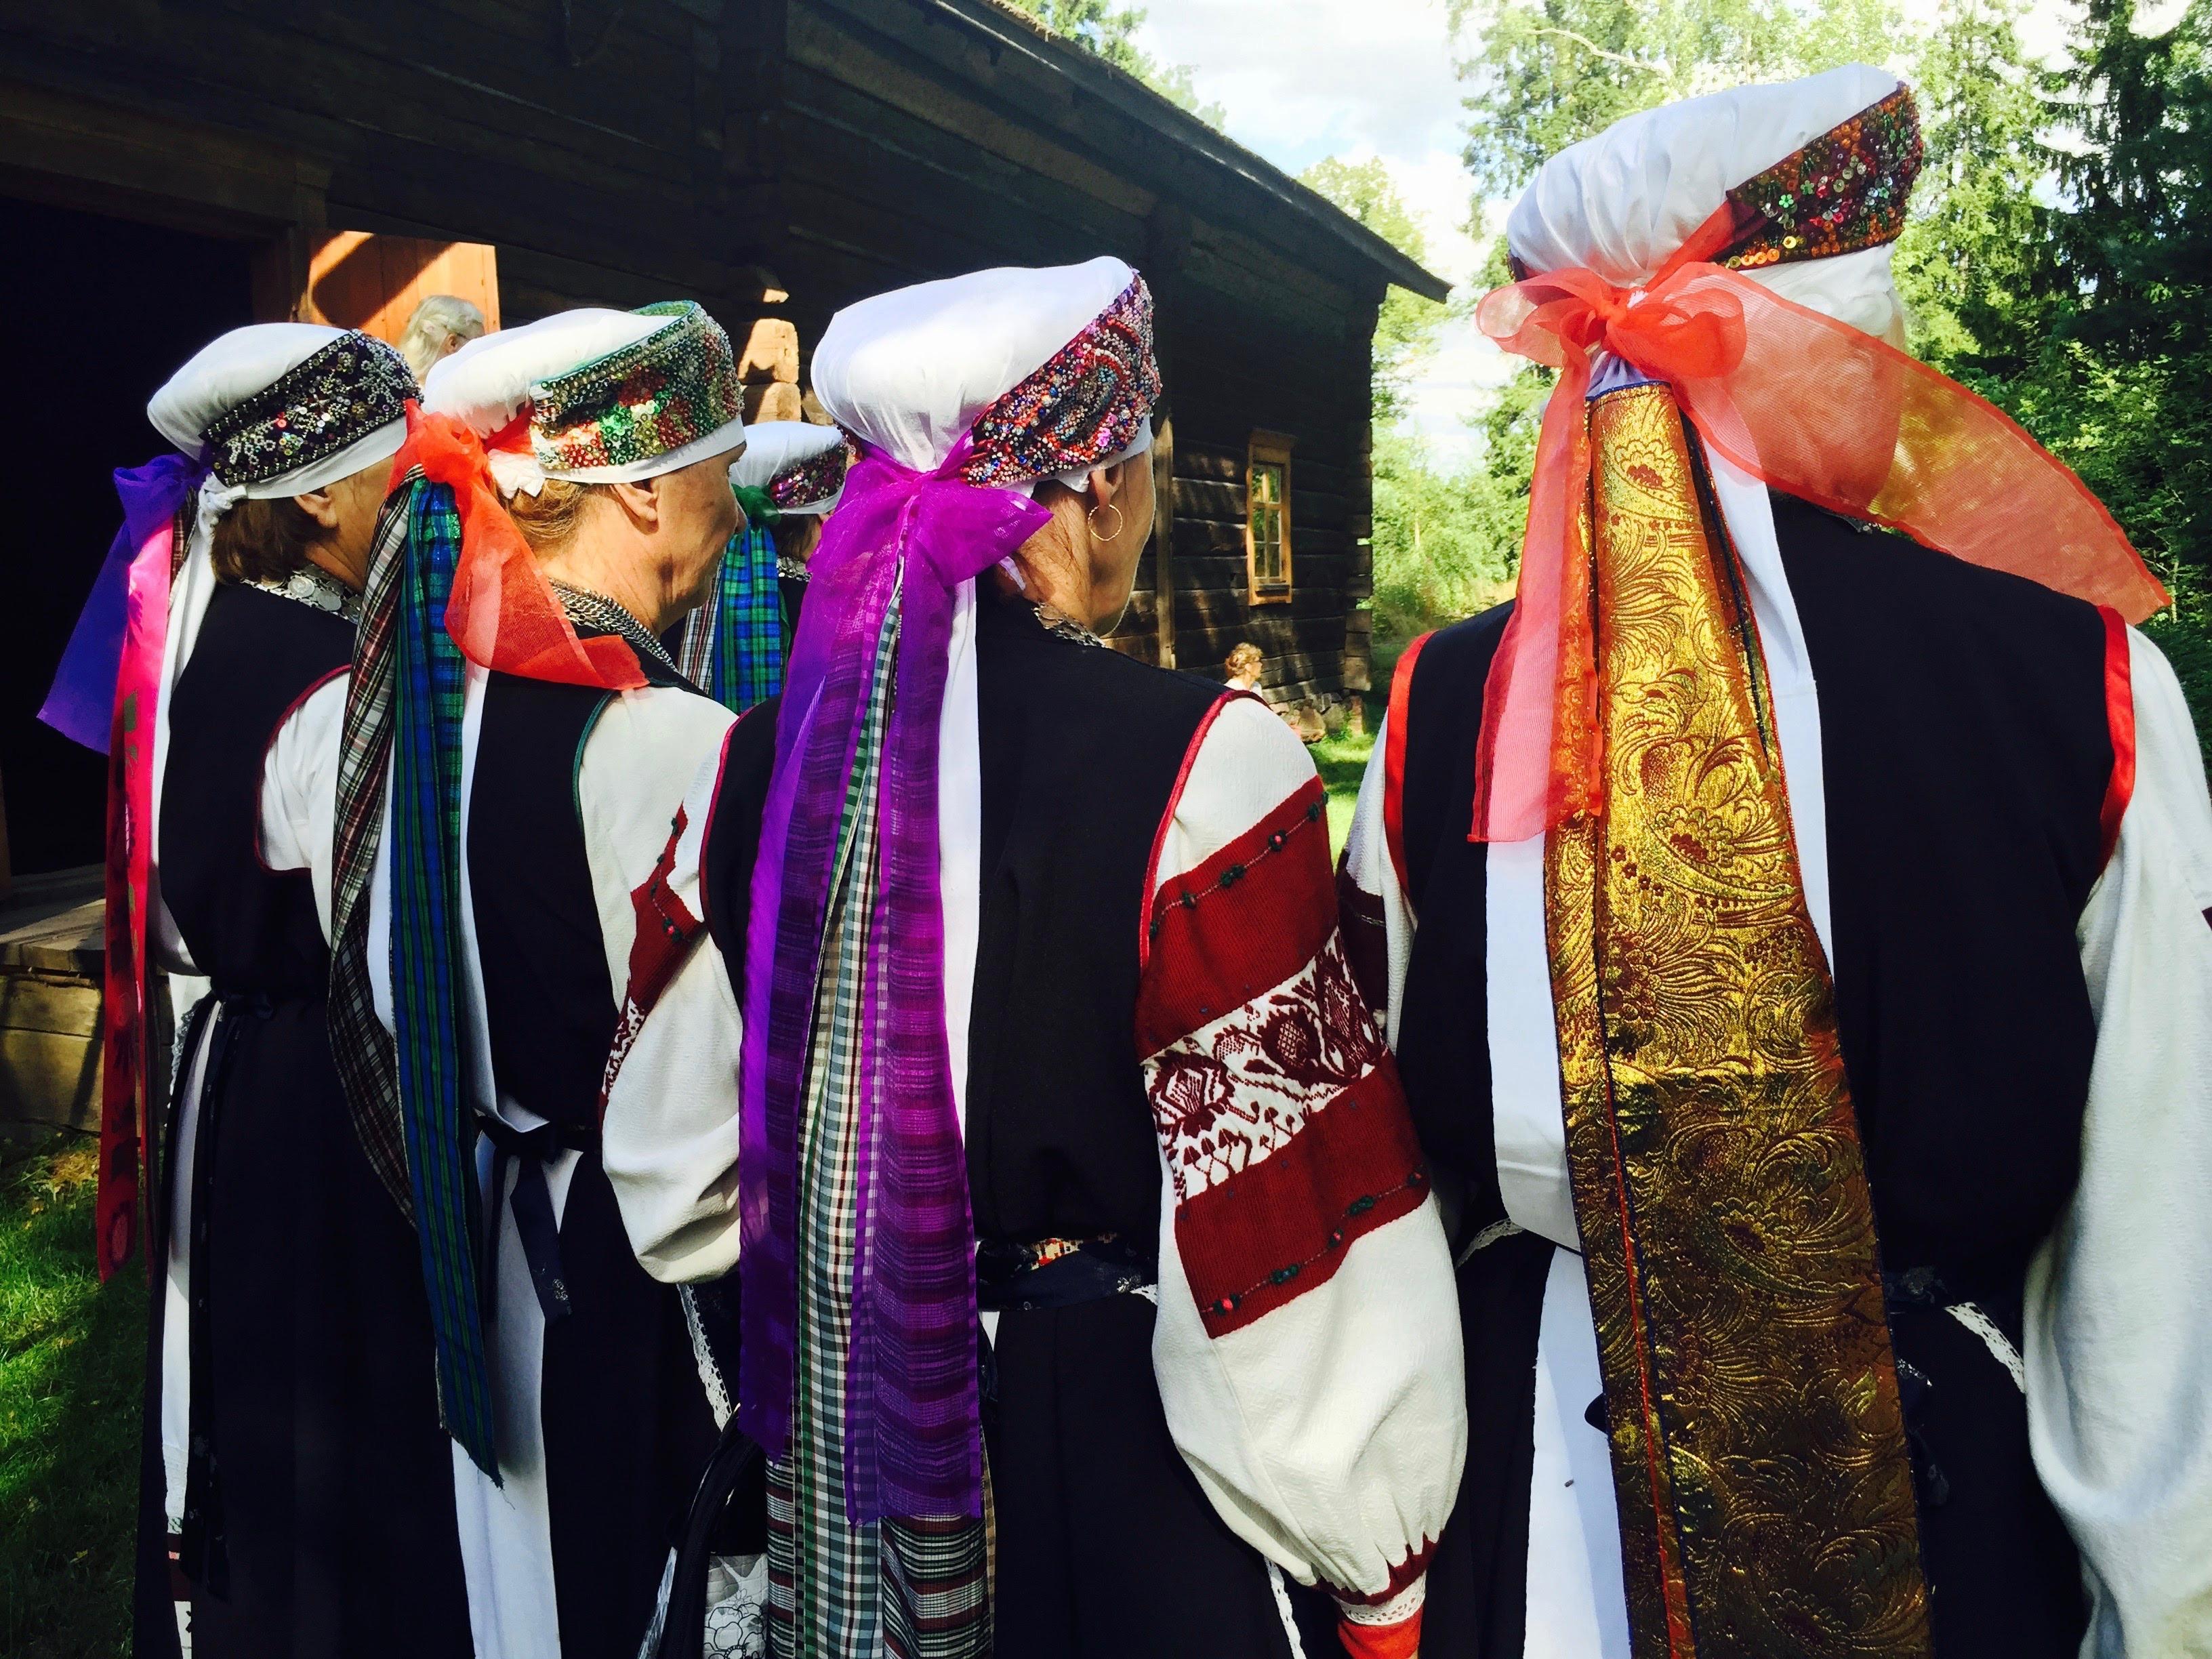 Seto Leelo folk costume, Estonia photo Malin Skinnar